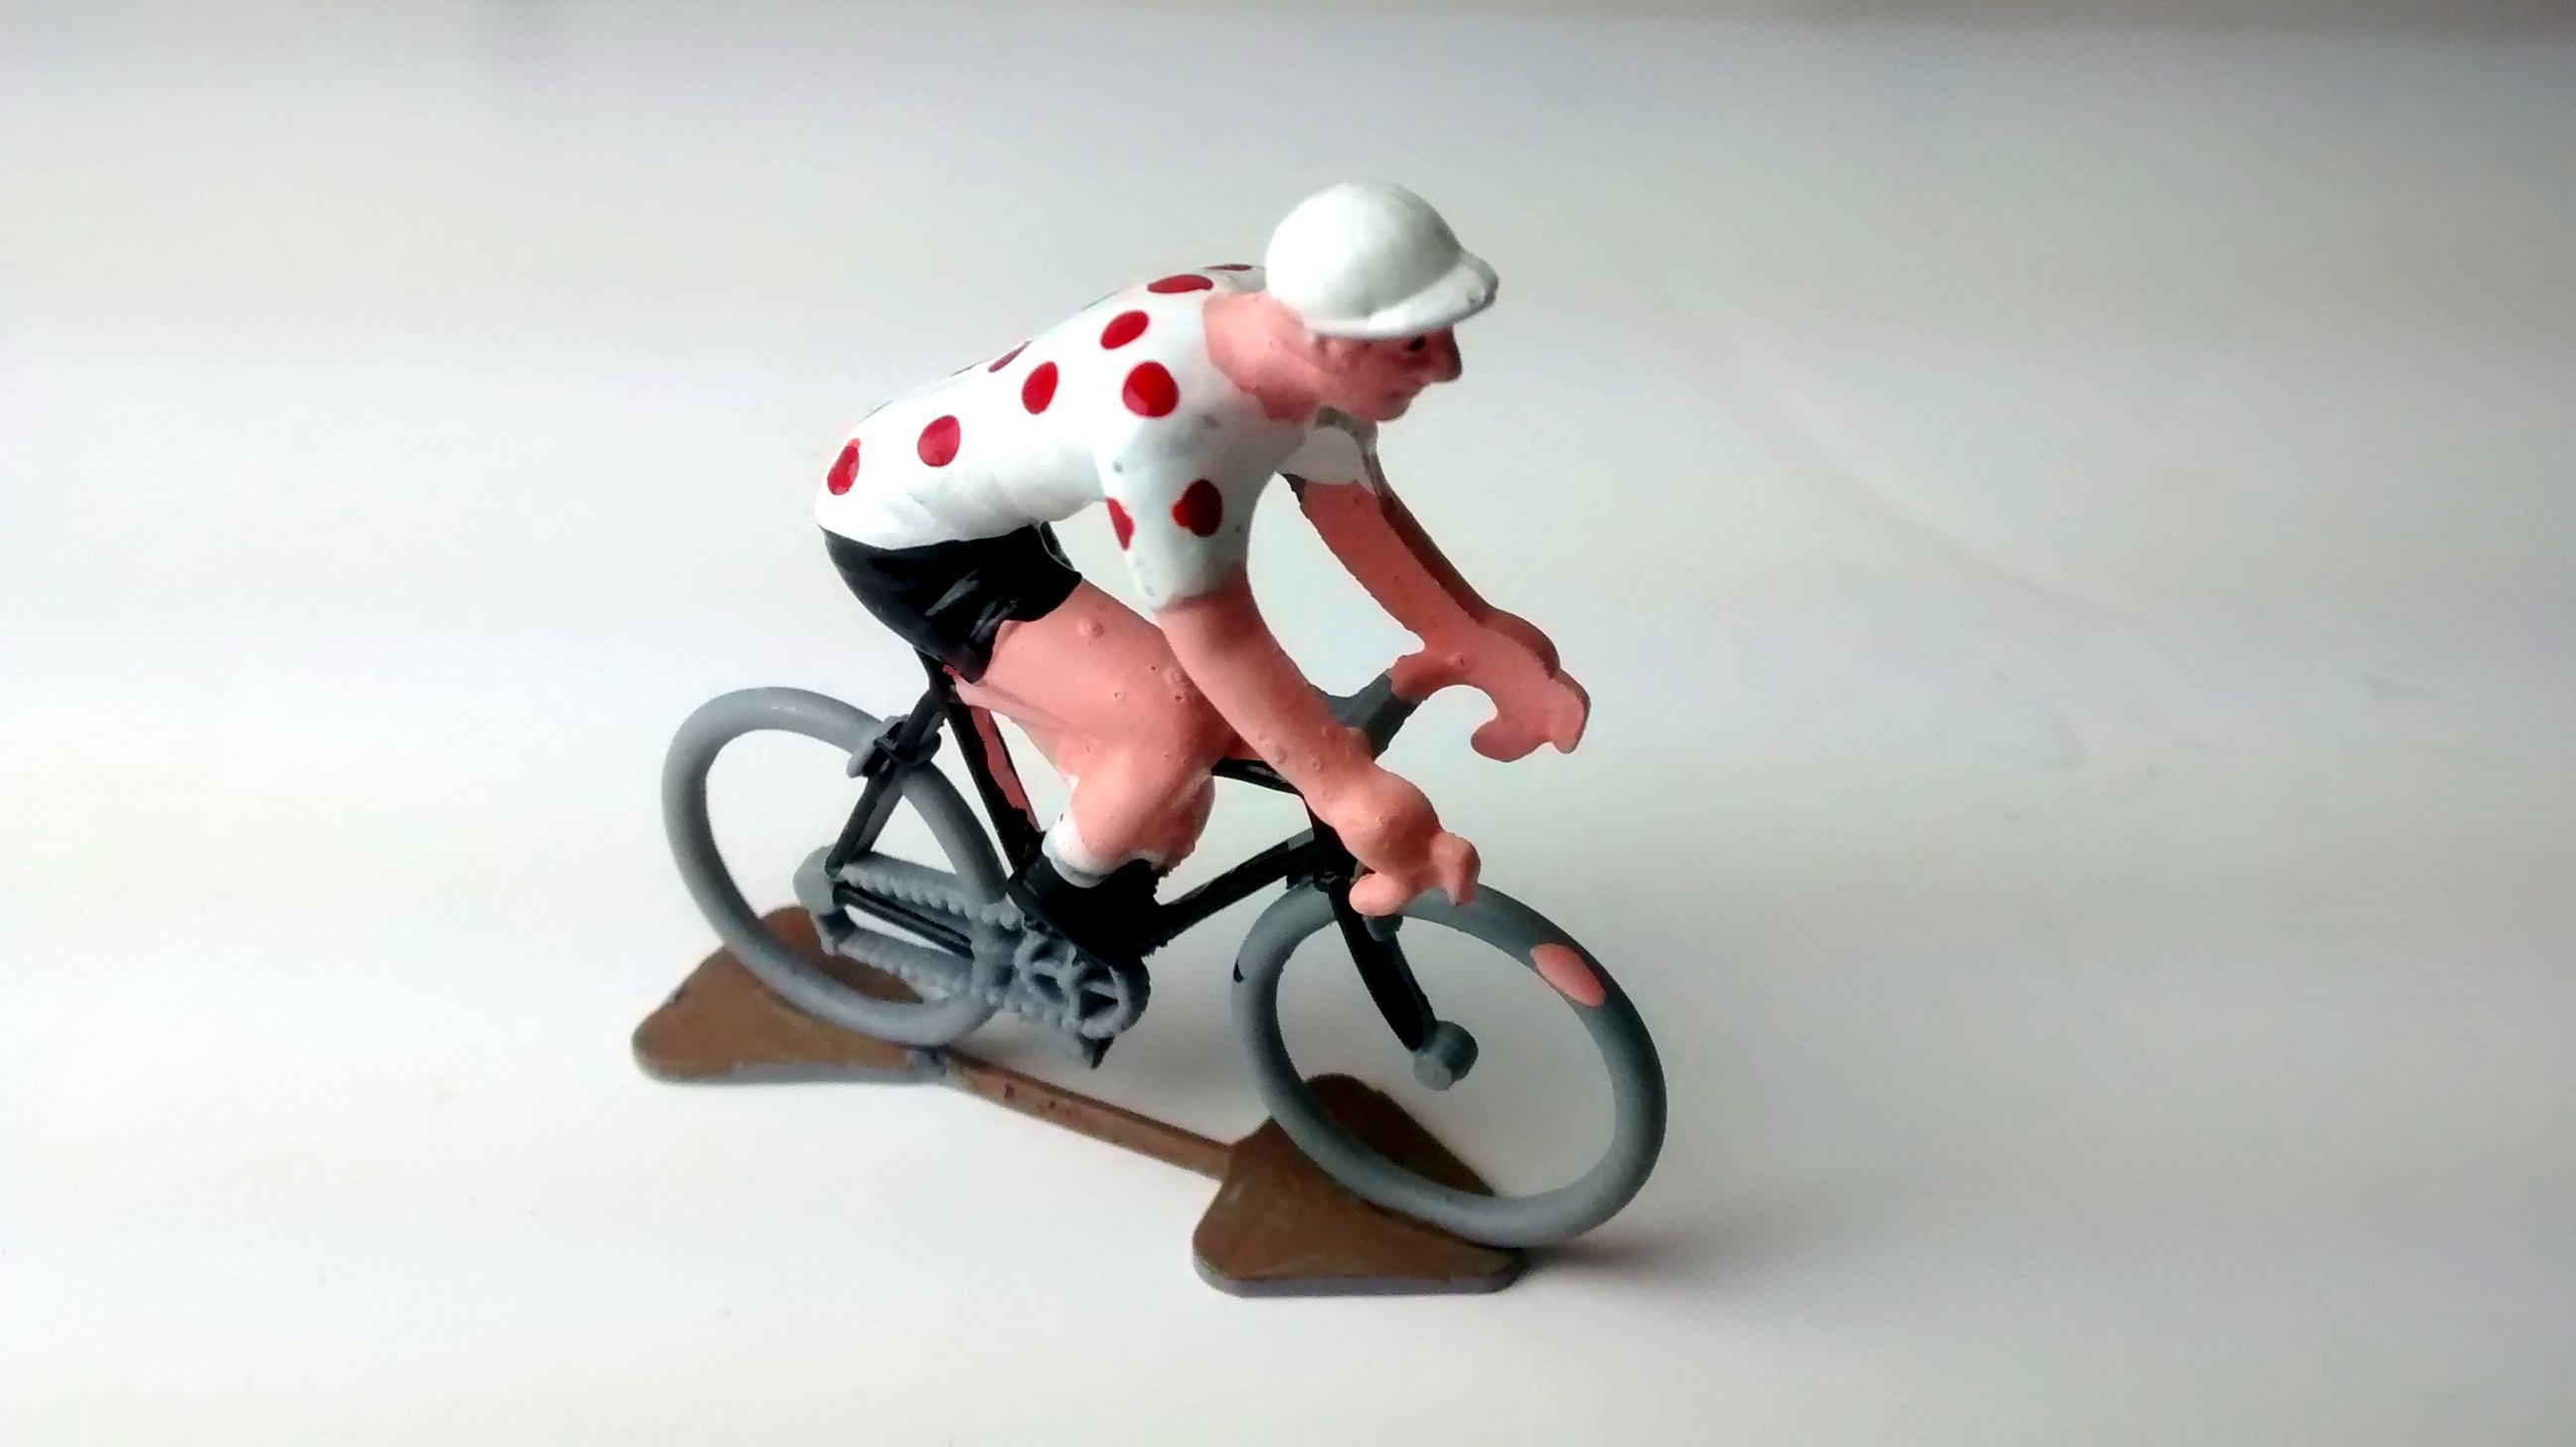 Polkadot Miniature Cyclist